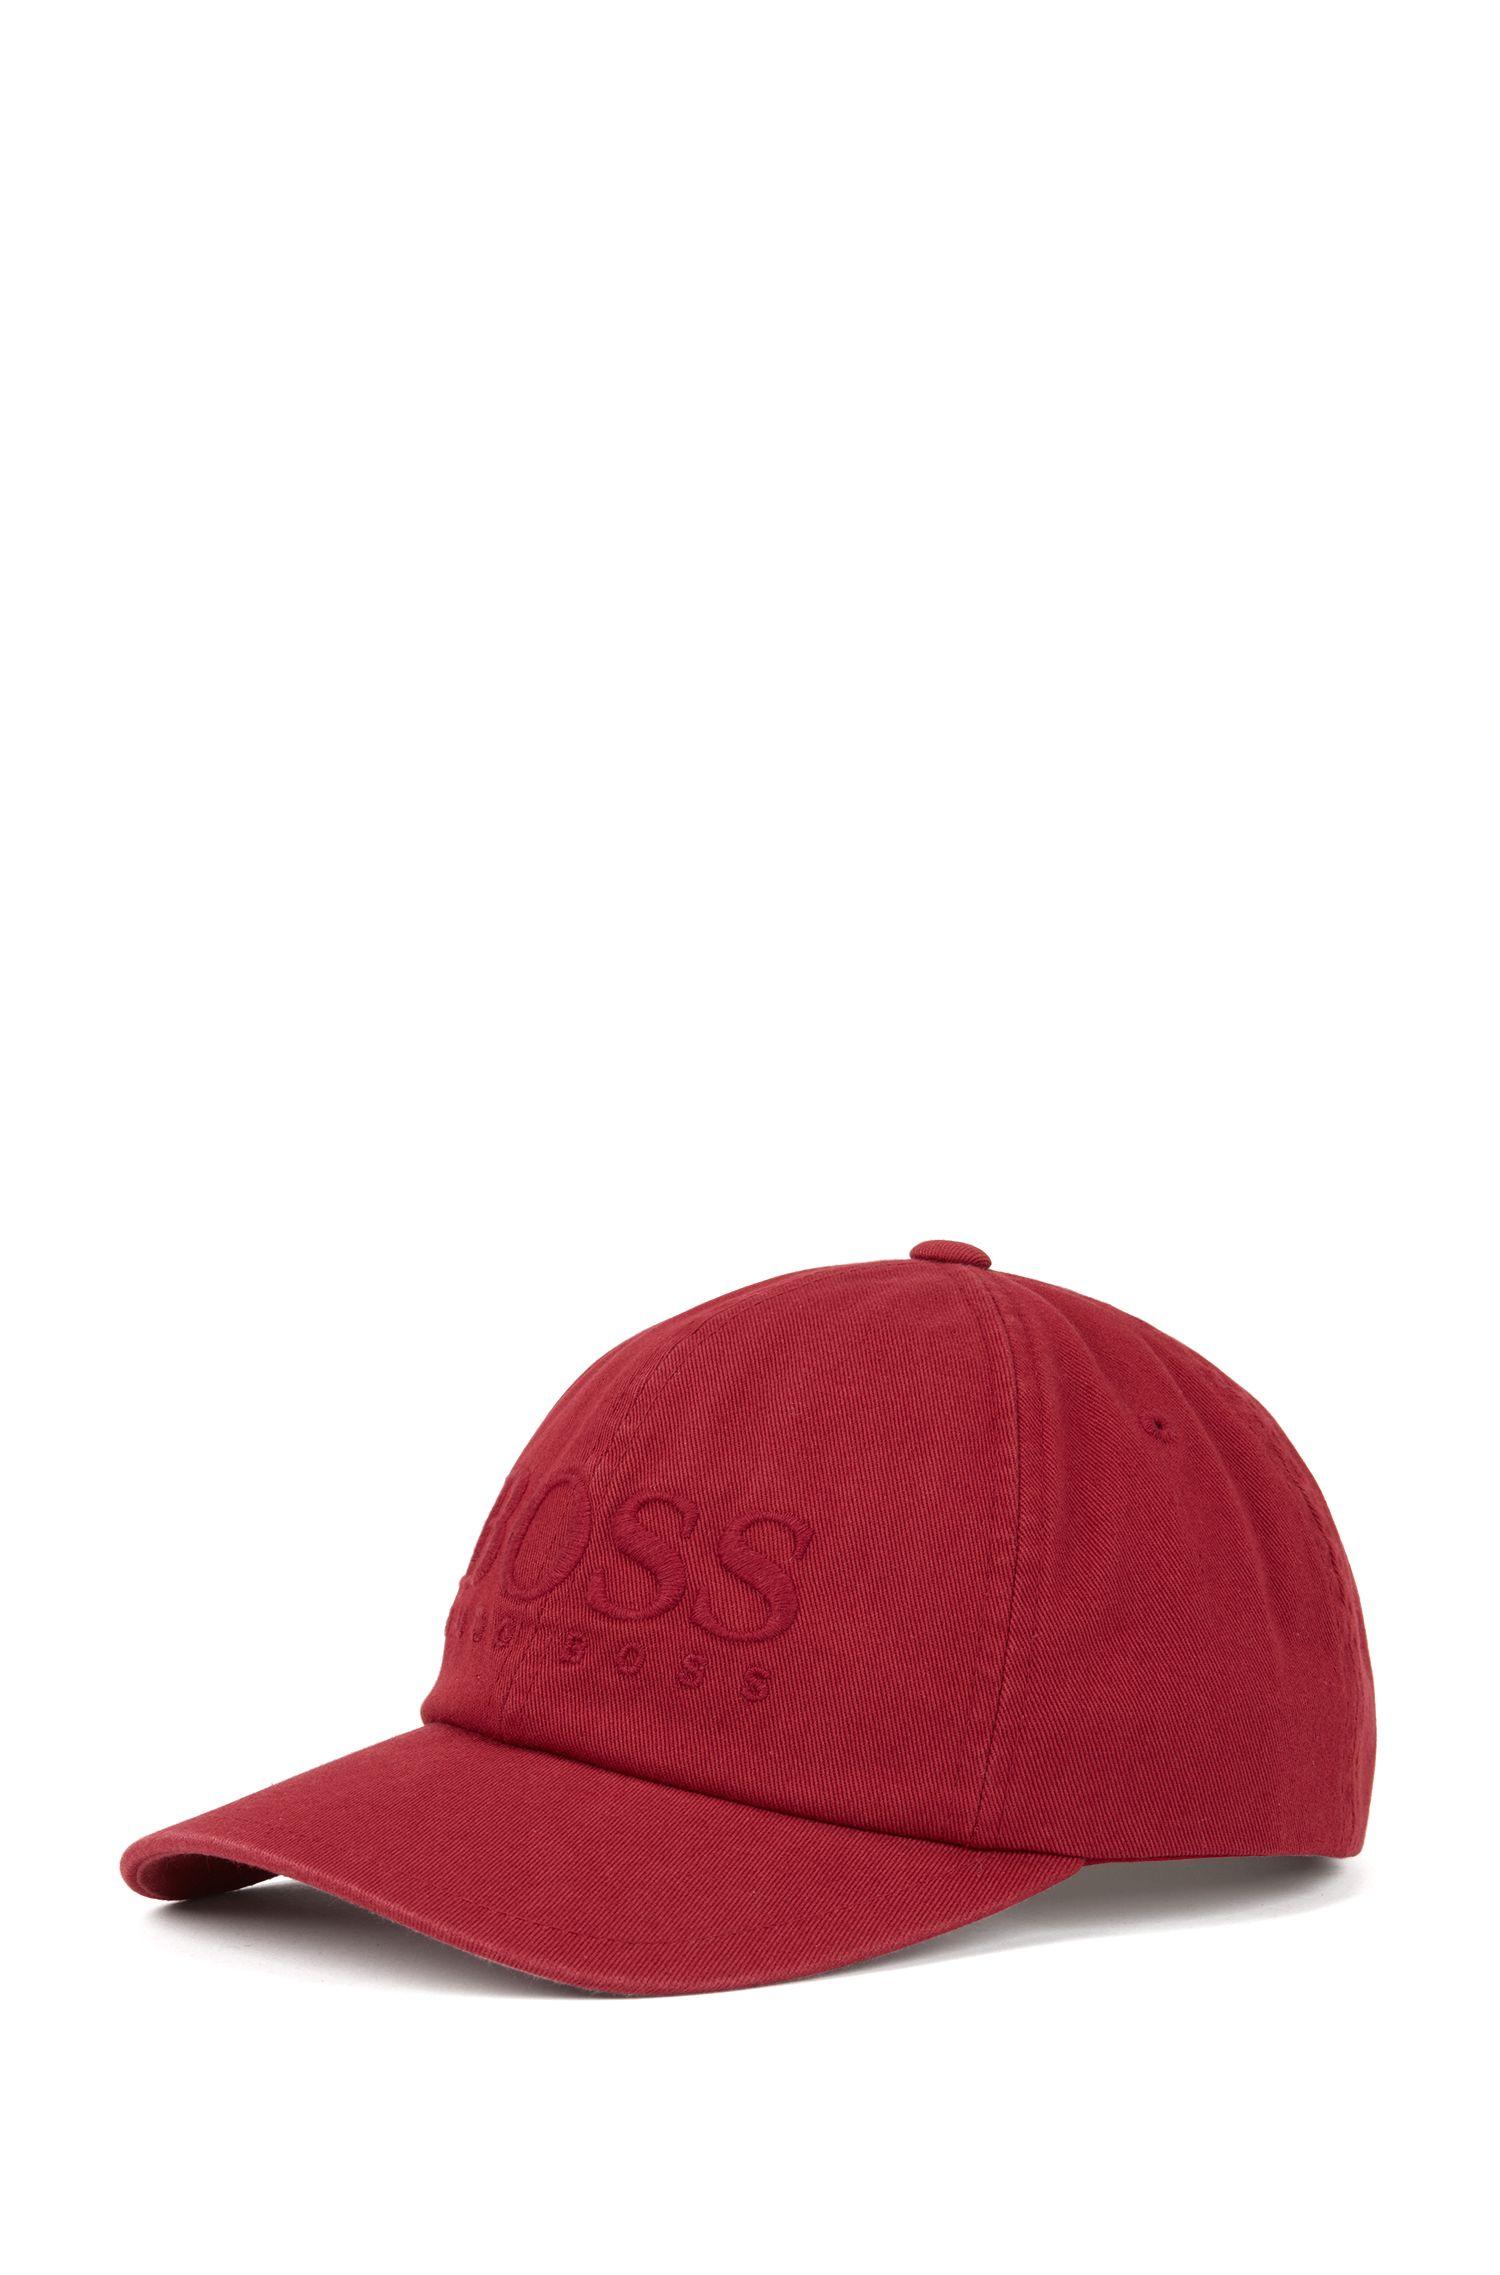 Cap aus Baumwoll-Twill mit Logo-Stickerei